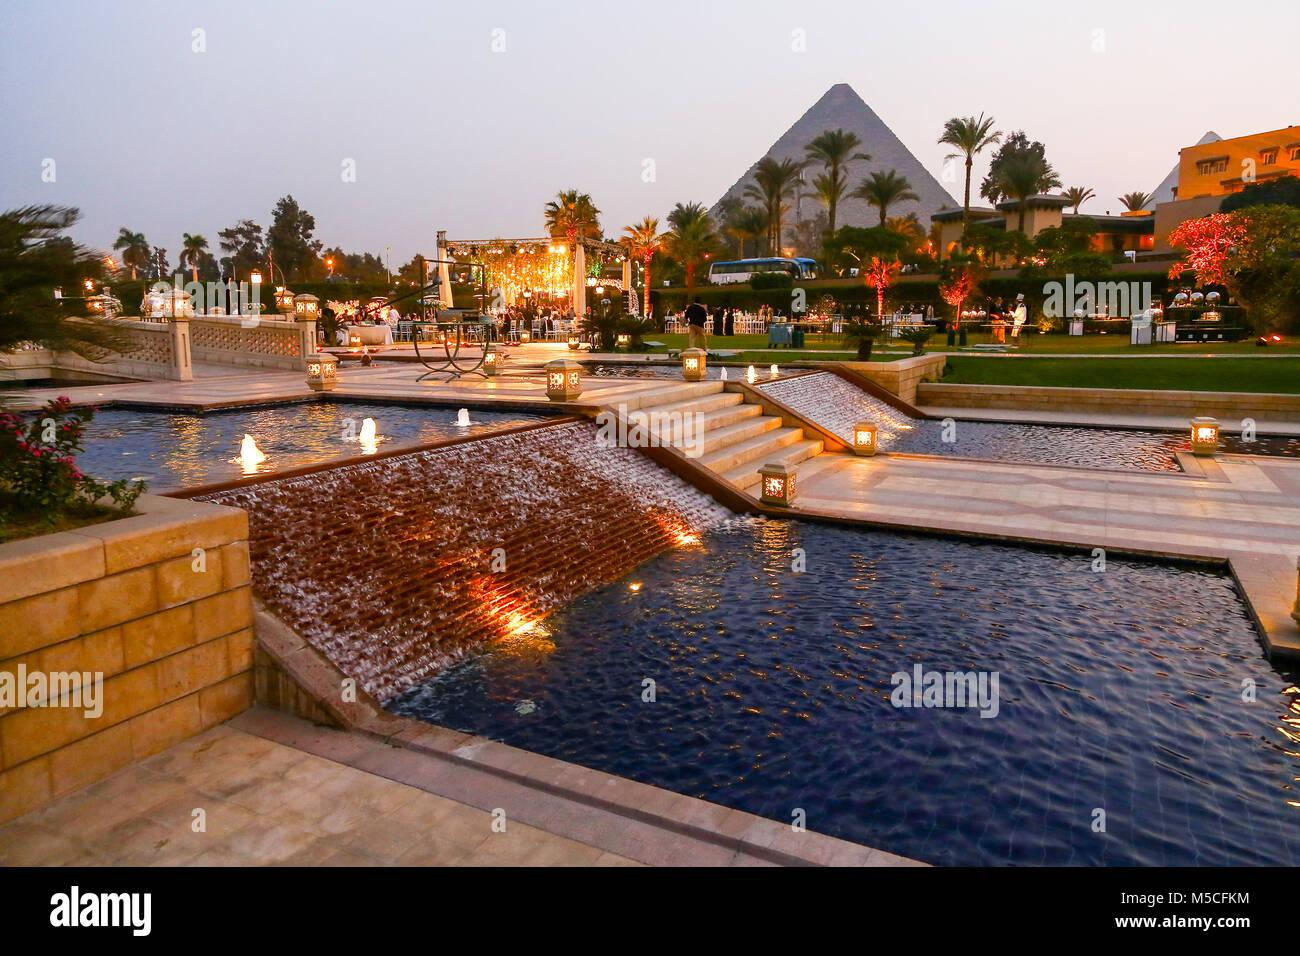 Am Abend oder in der Nacht Blick auf das Mena House Hotel, mit den Pyramiden im Hintergrund, Giza, Kairo, Ägypten, Stockbild